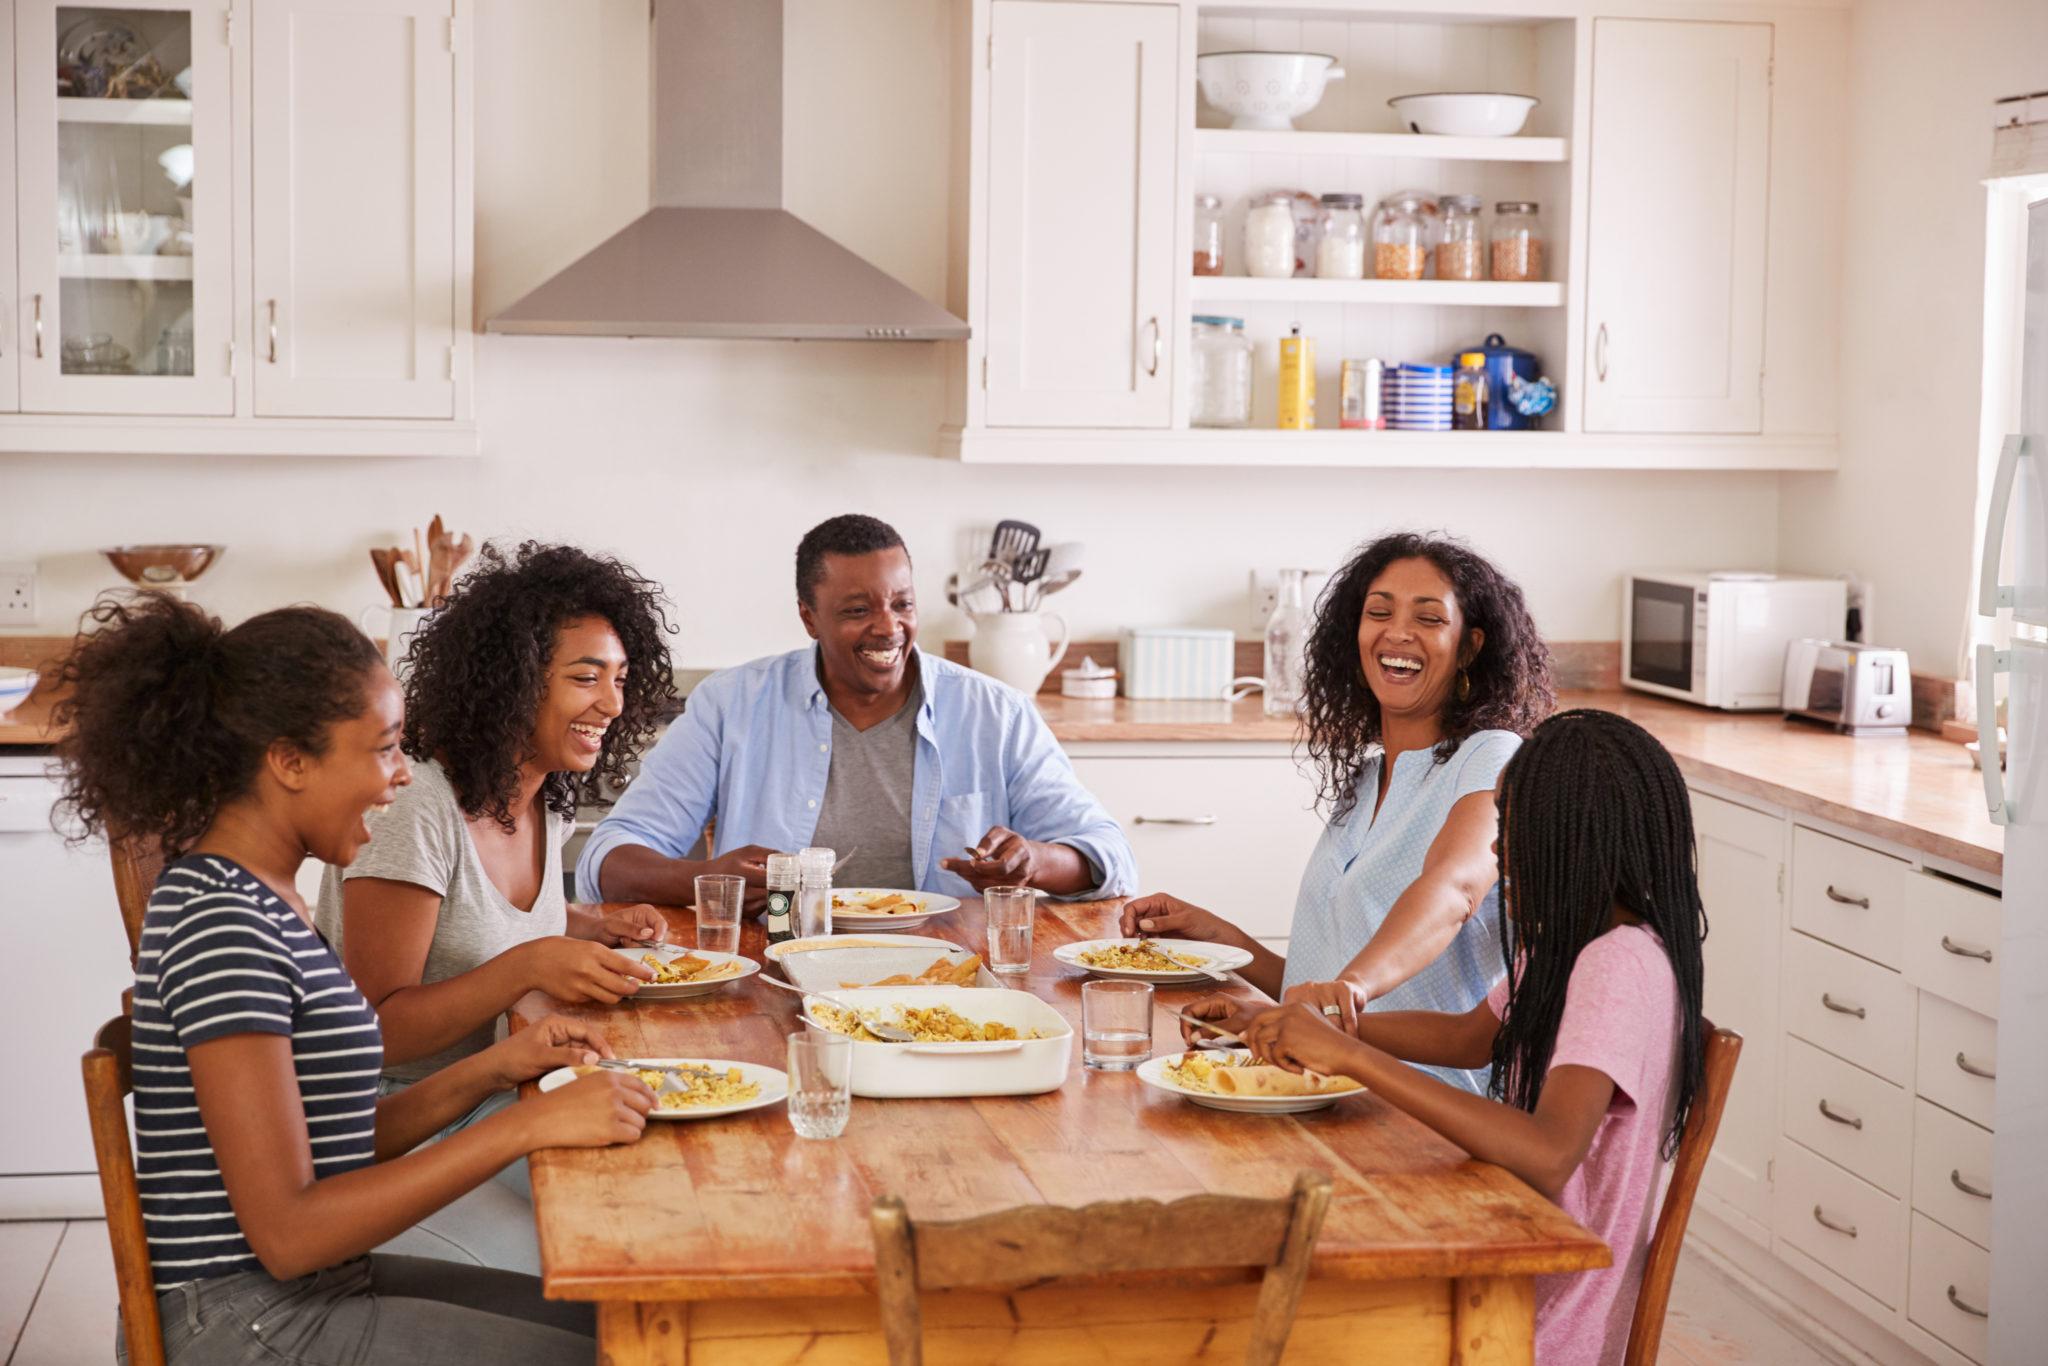 Family at dinner